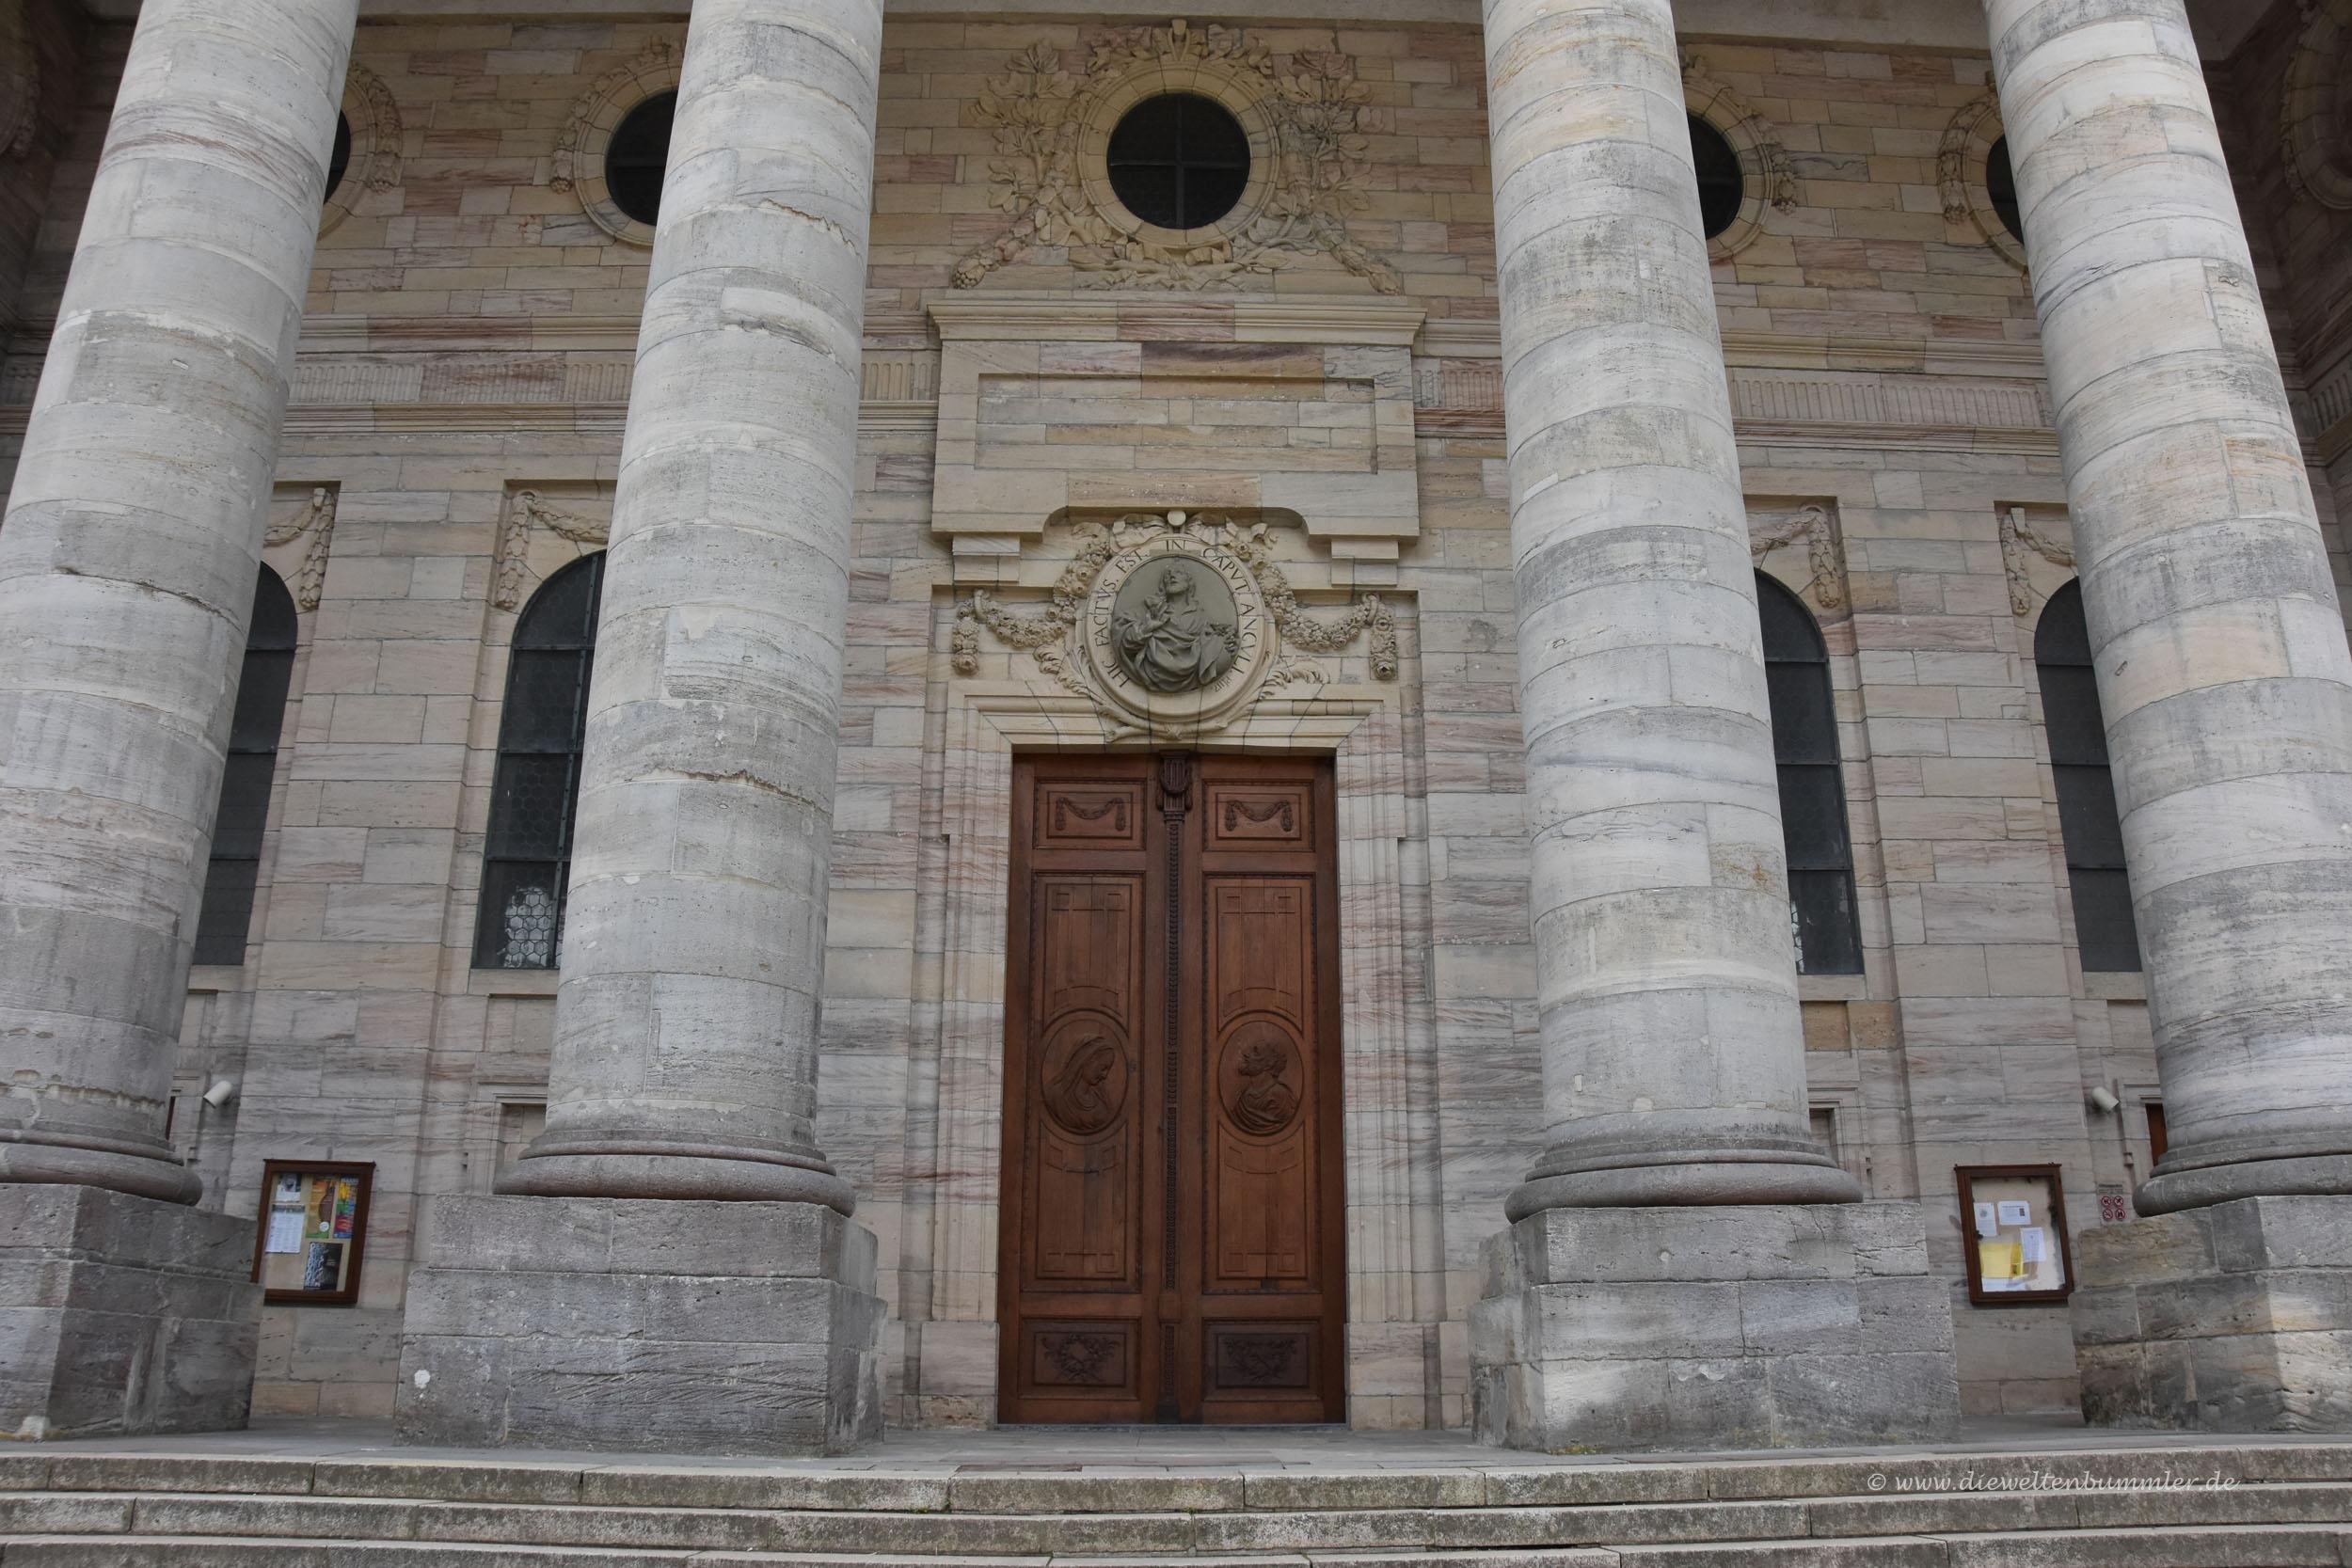 Dom zu St. Blasien